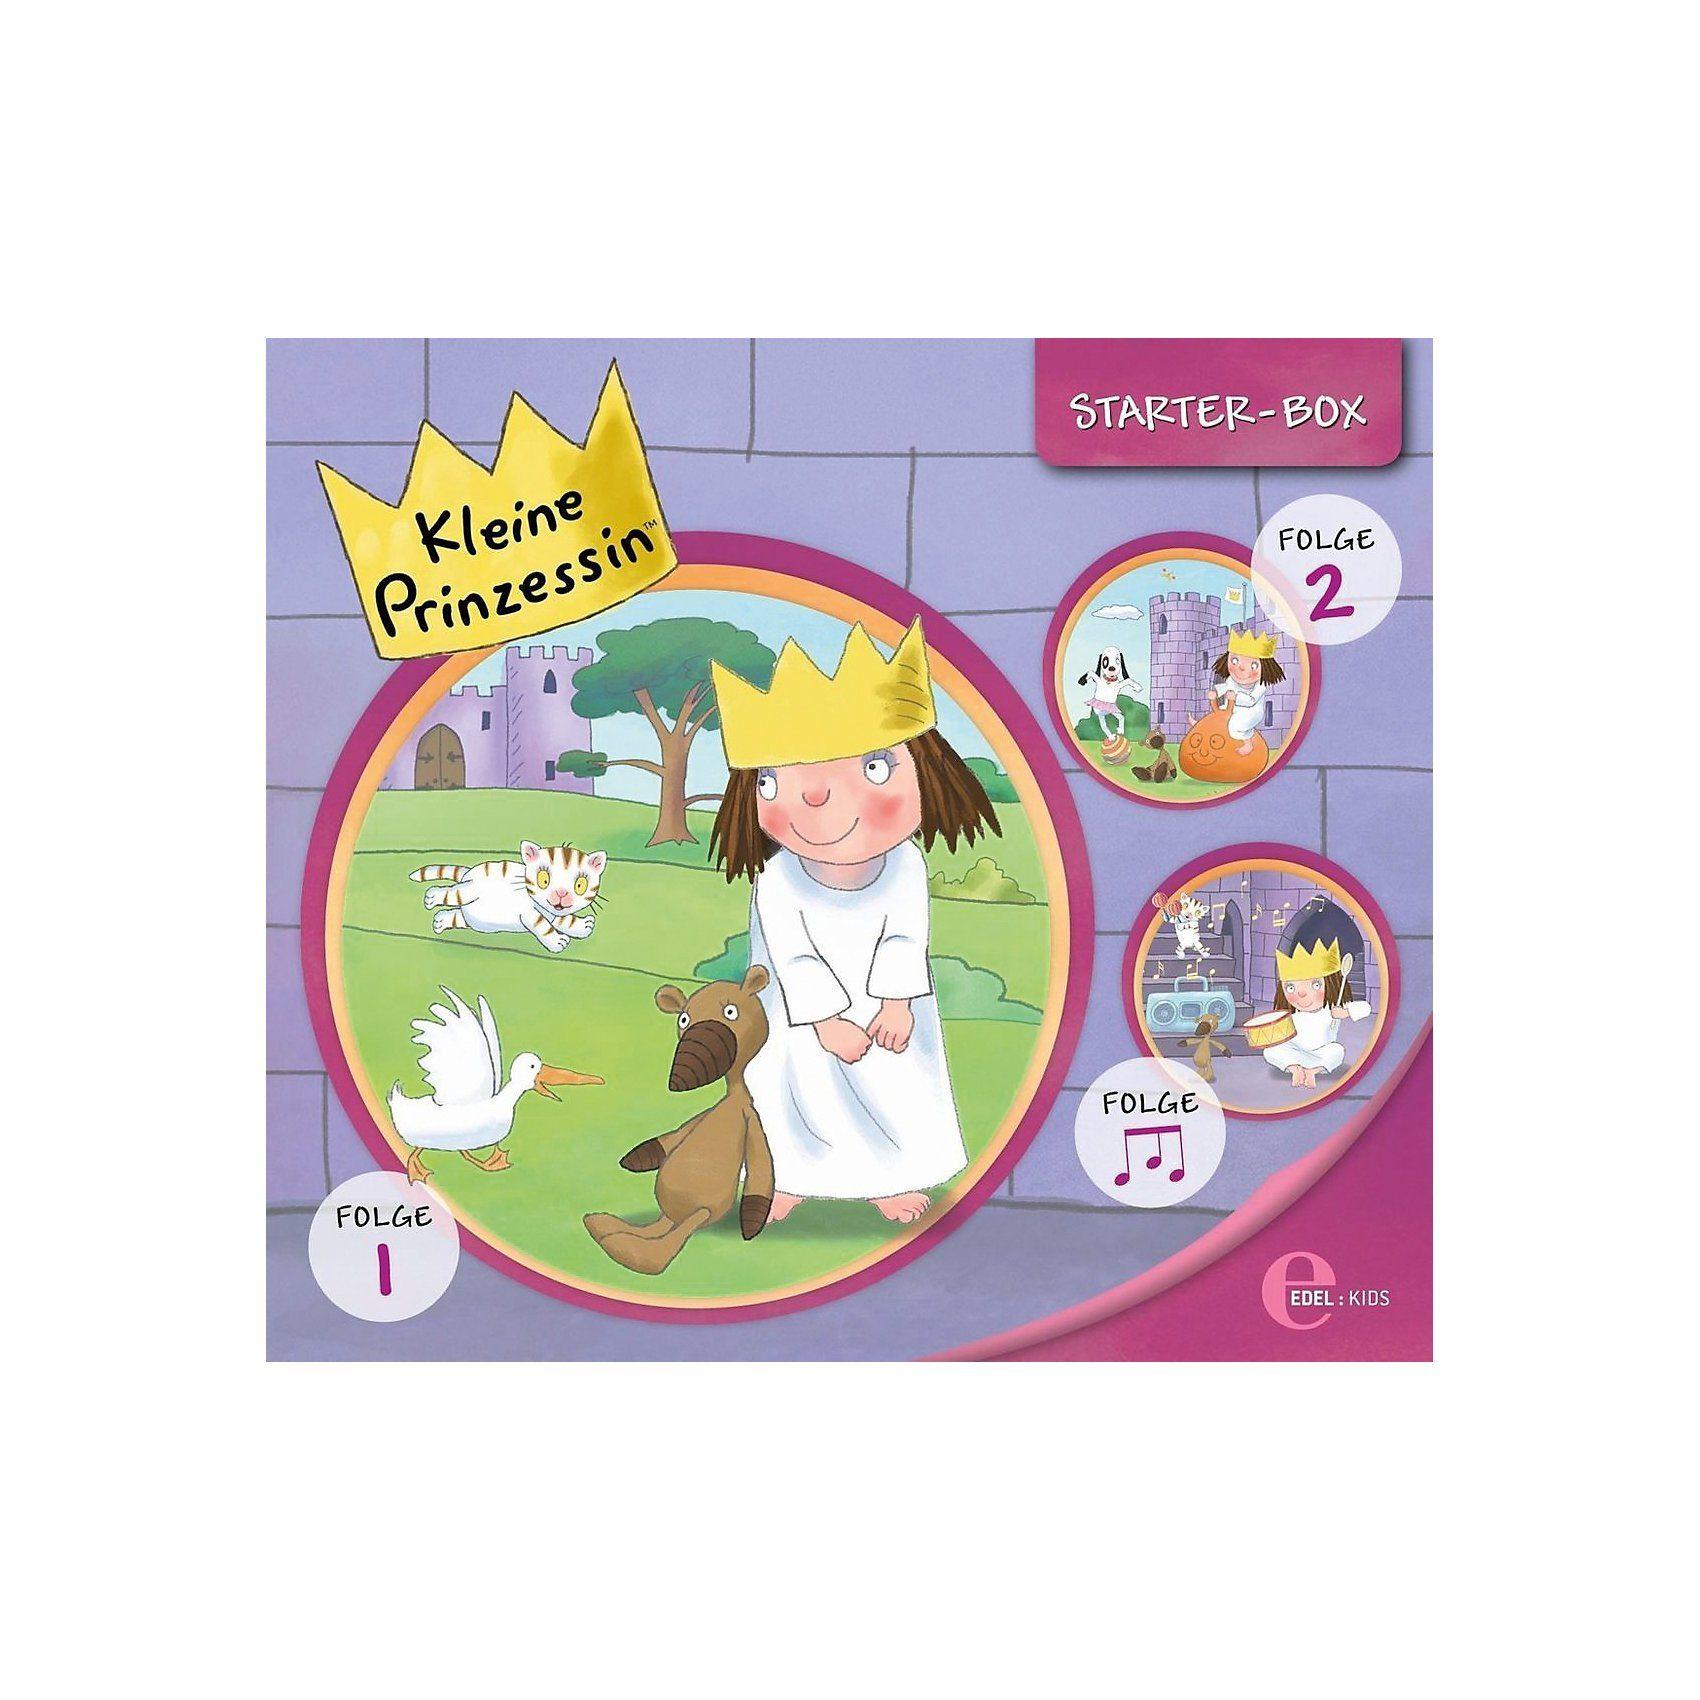 Edel CD Kleine Prinzessin - Starter-Box 1